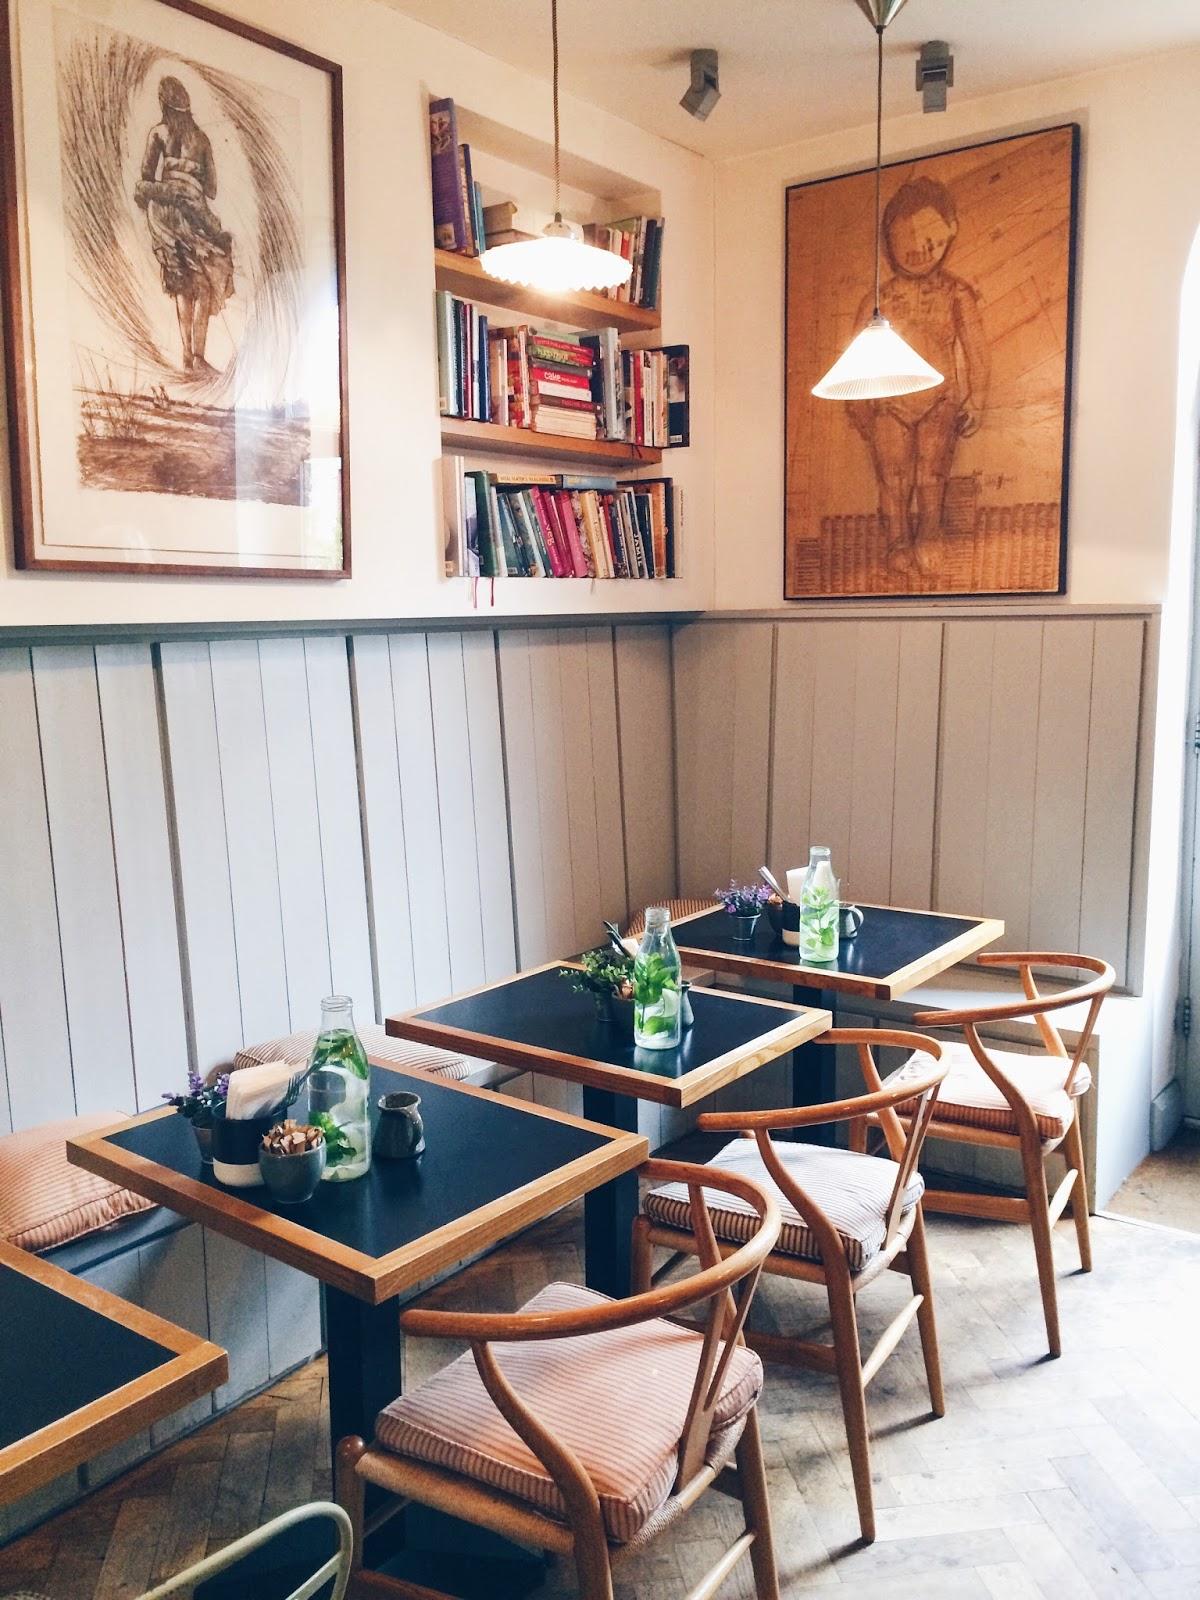 Brunch at Bibi's Café